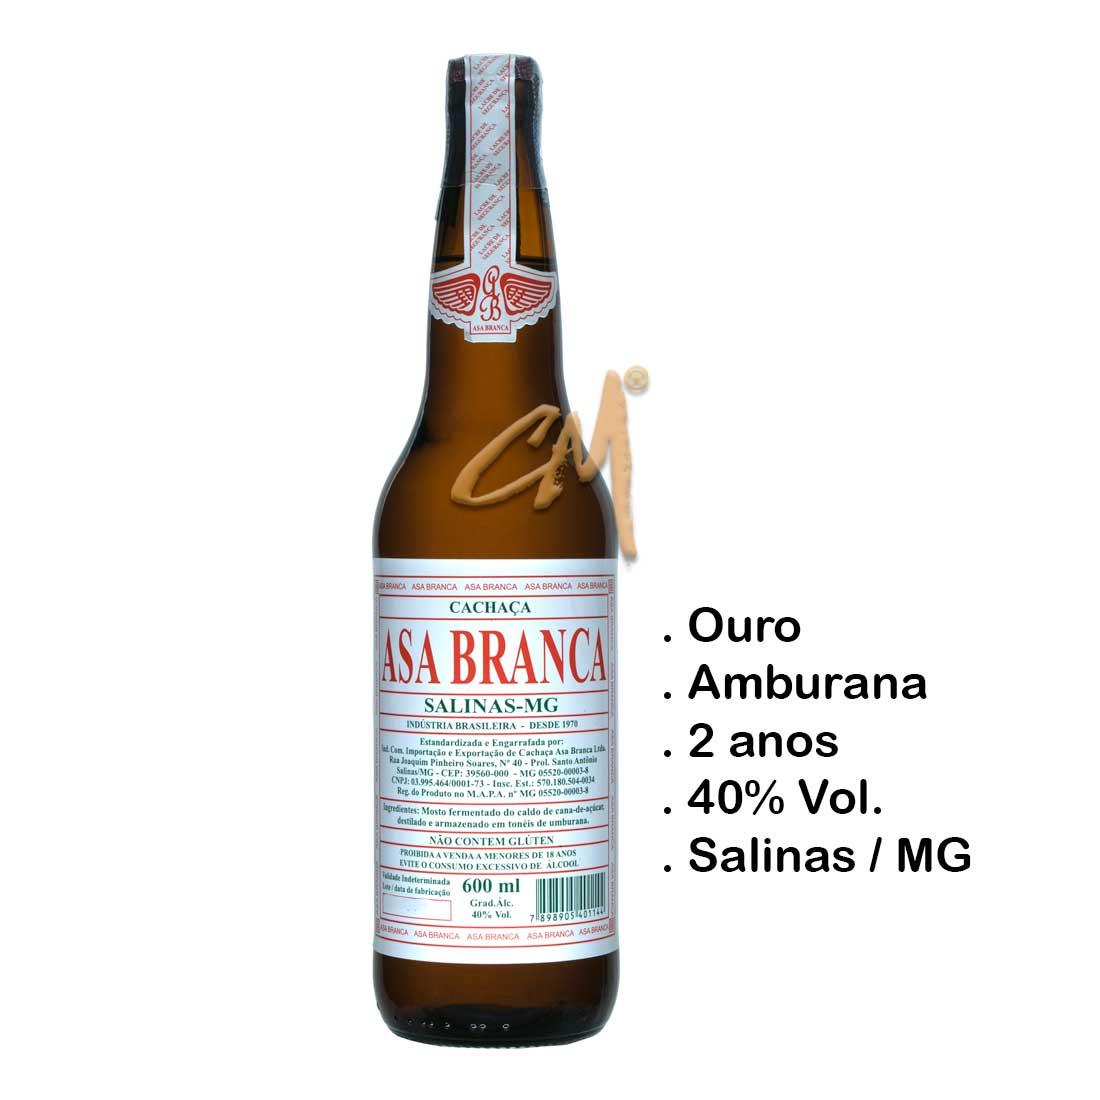 Cachaça Asa Branca Amburana 600 ml (Salinas - MG)